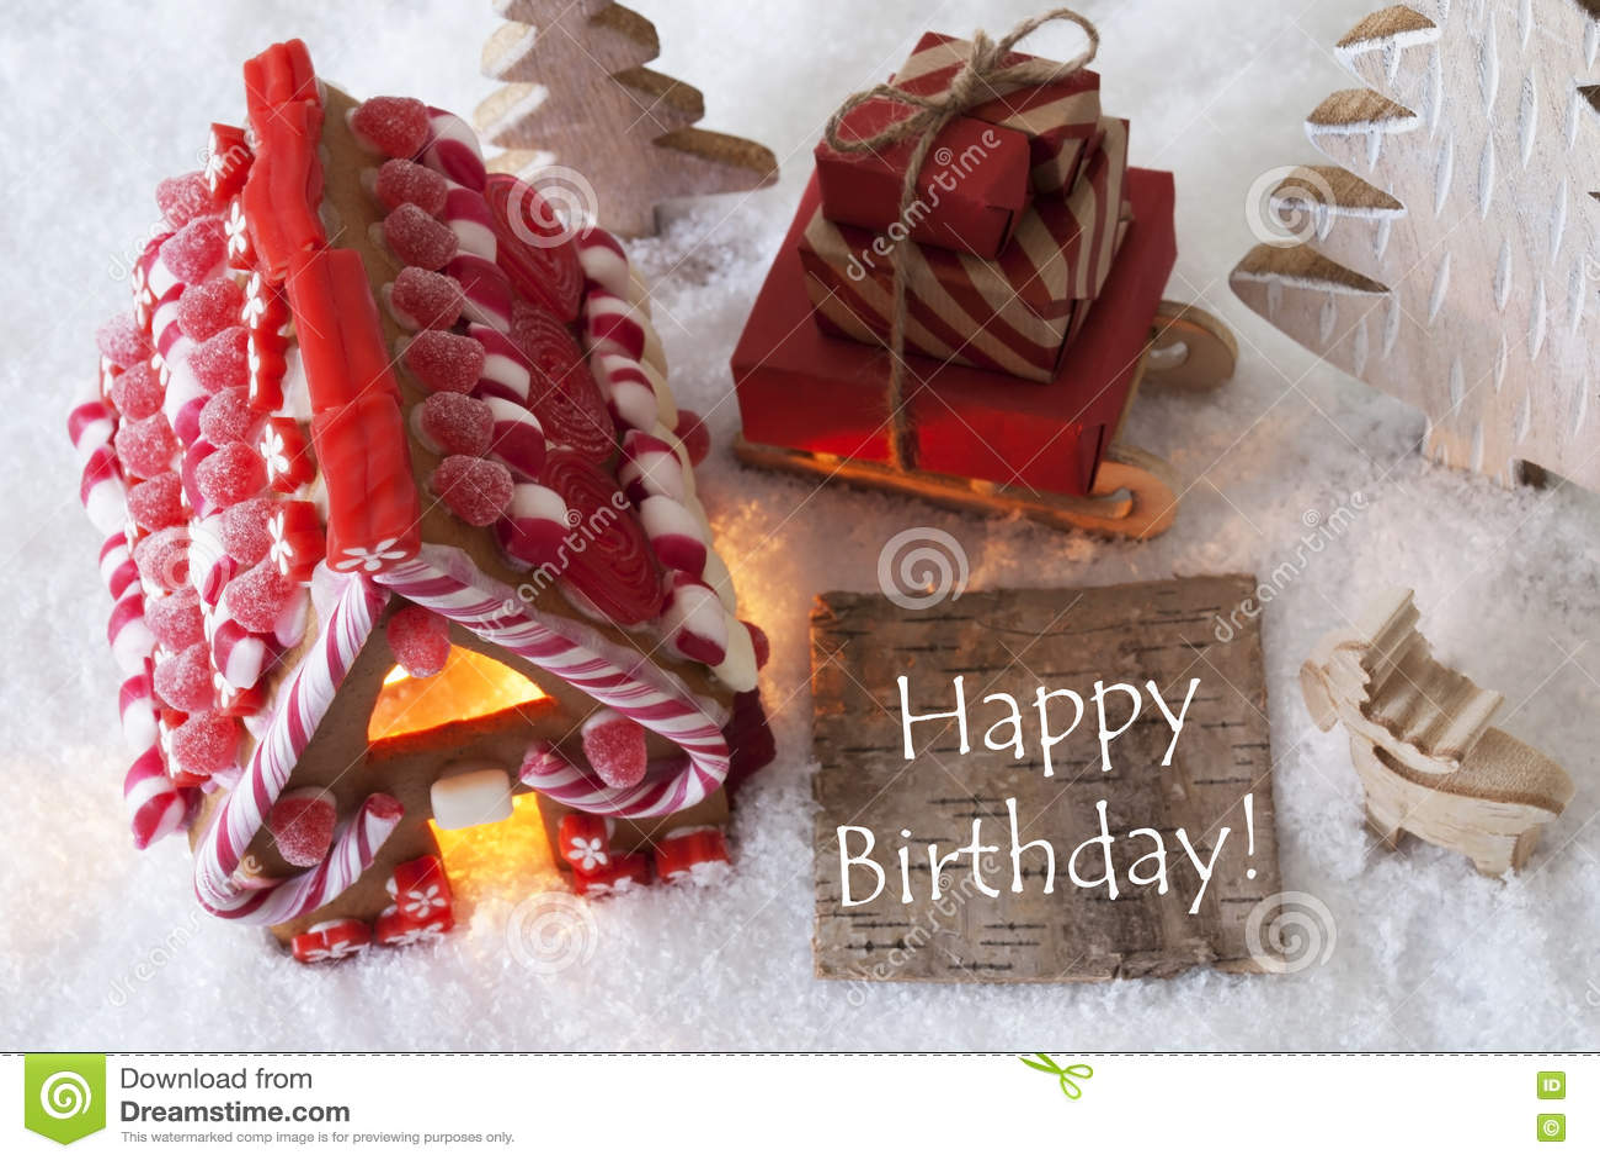 Lebkuchen Haus Schlitten Schnee Simsen Alles Gute Zum Geburtstag